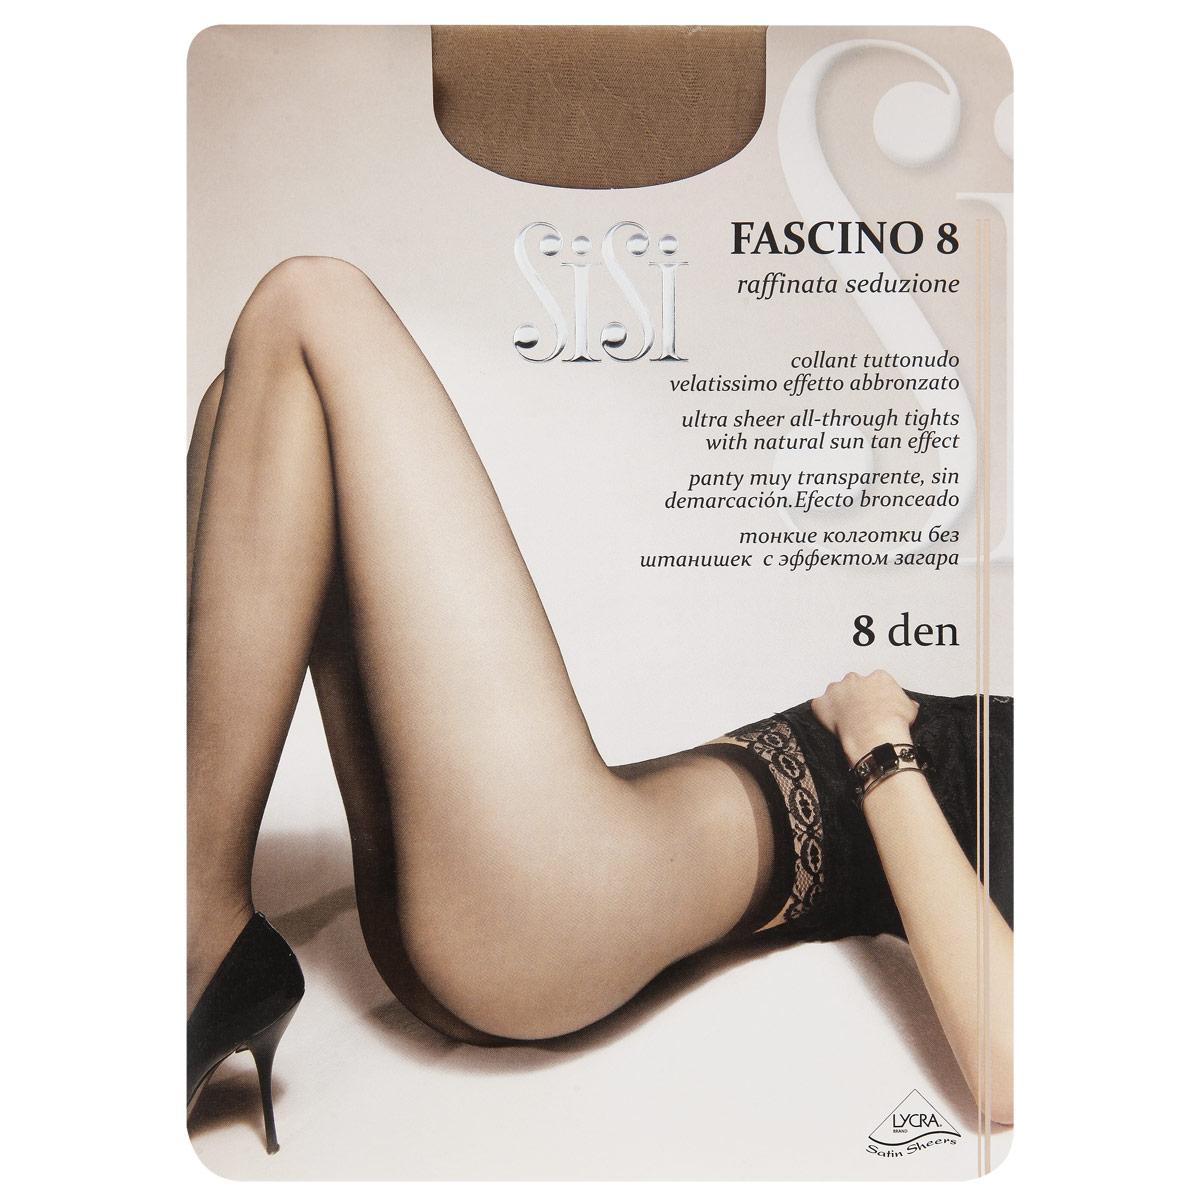 Колготки Sisi Fascino 8. Ambra (темно-коричневый). Размер 4-L42 Fascino 8Тонкие колготки Sisi Fascino без шортиков с эффектом загара. Удобные швы, ластовица, невидимый мысок. Размер XL с задней вставкой. Плотность: 8 den.